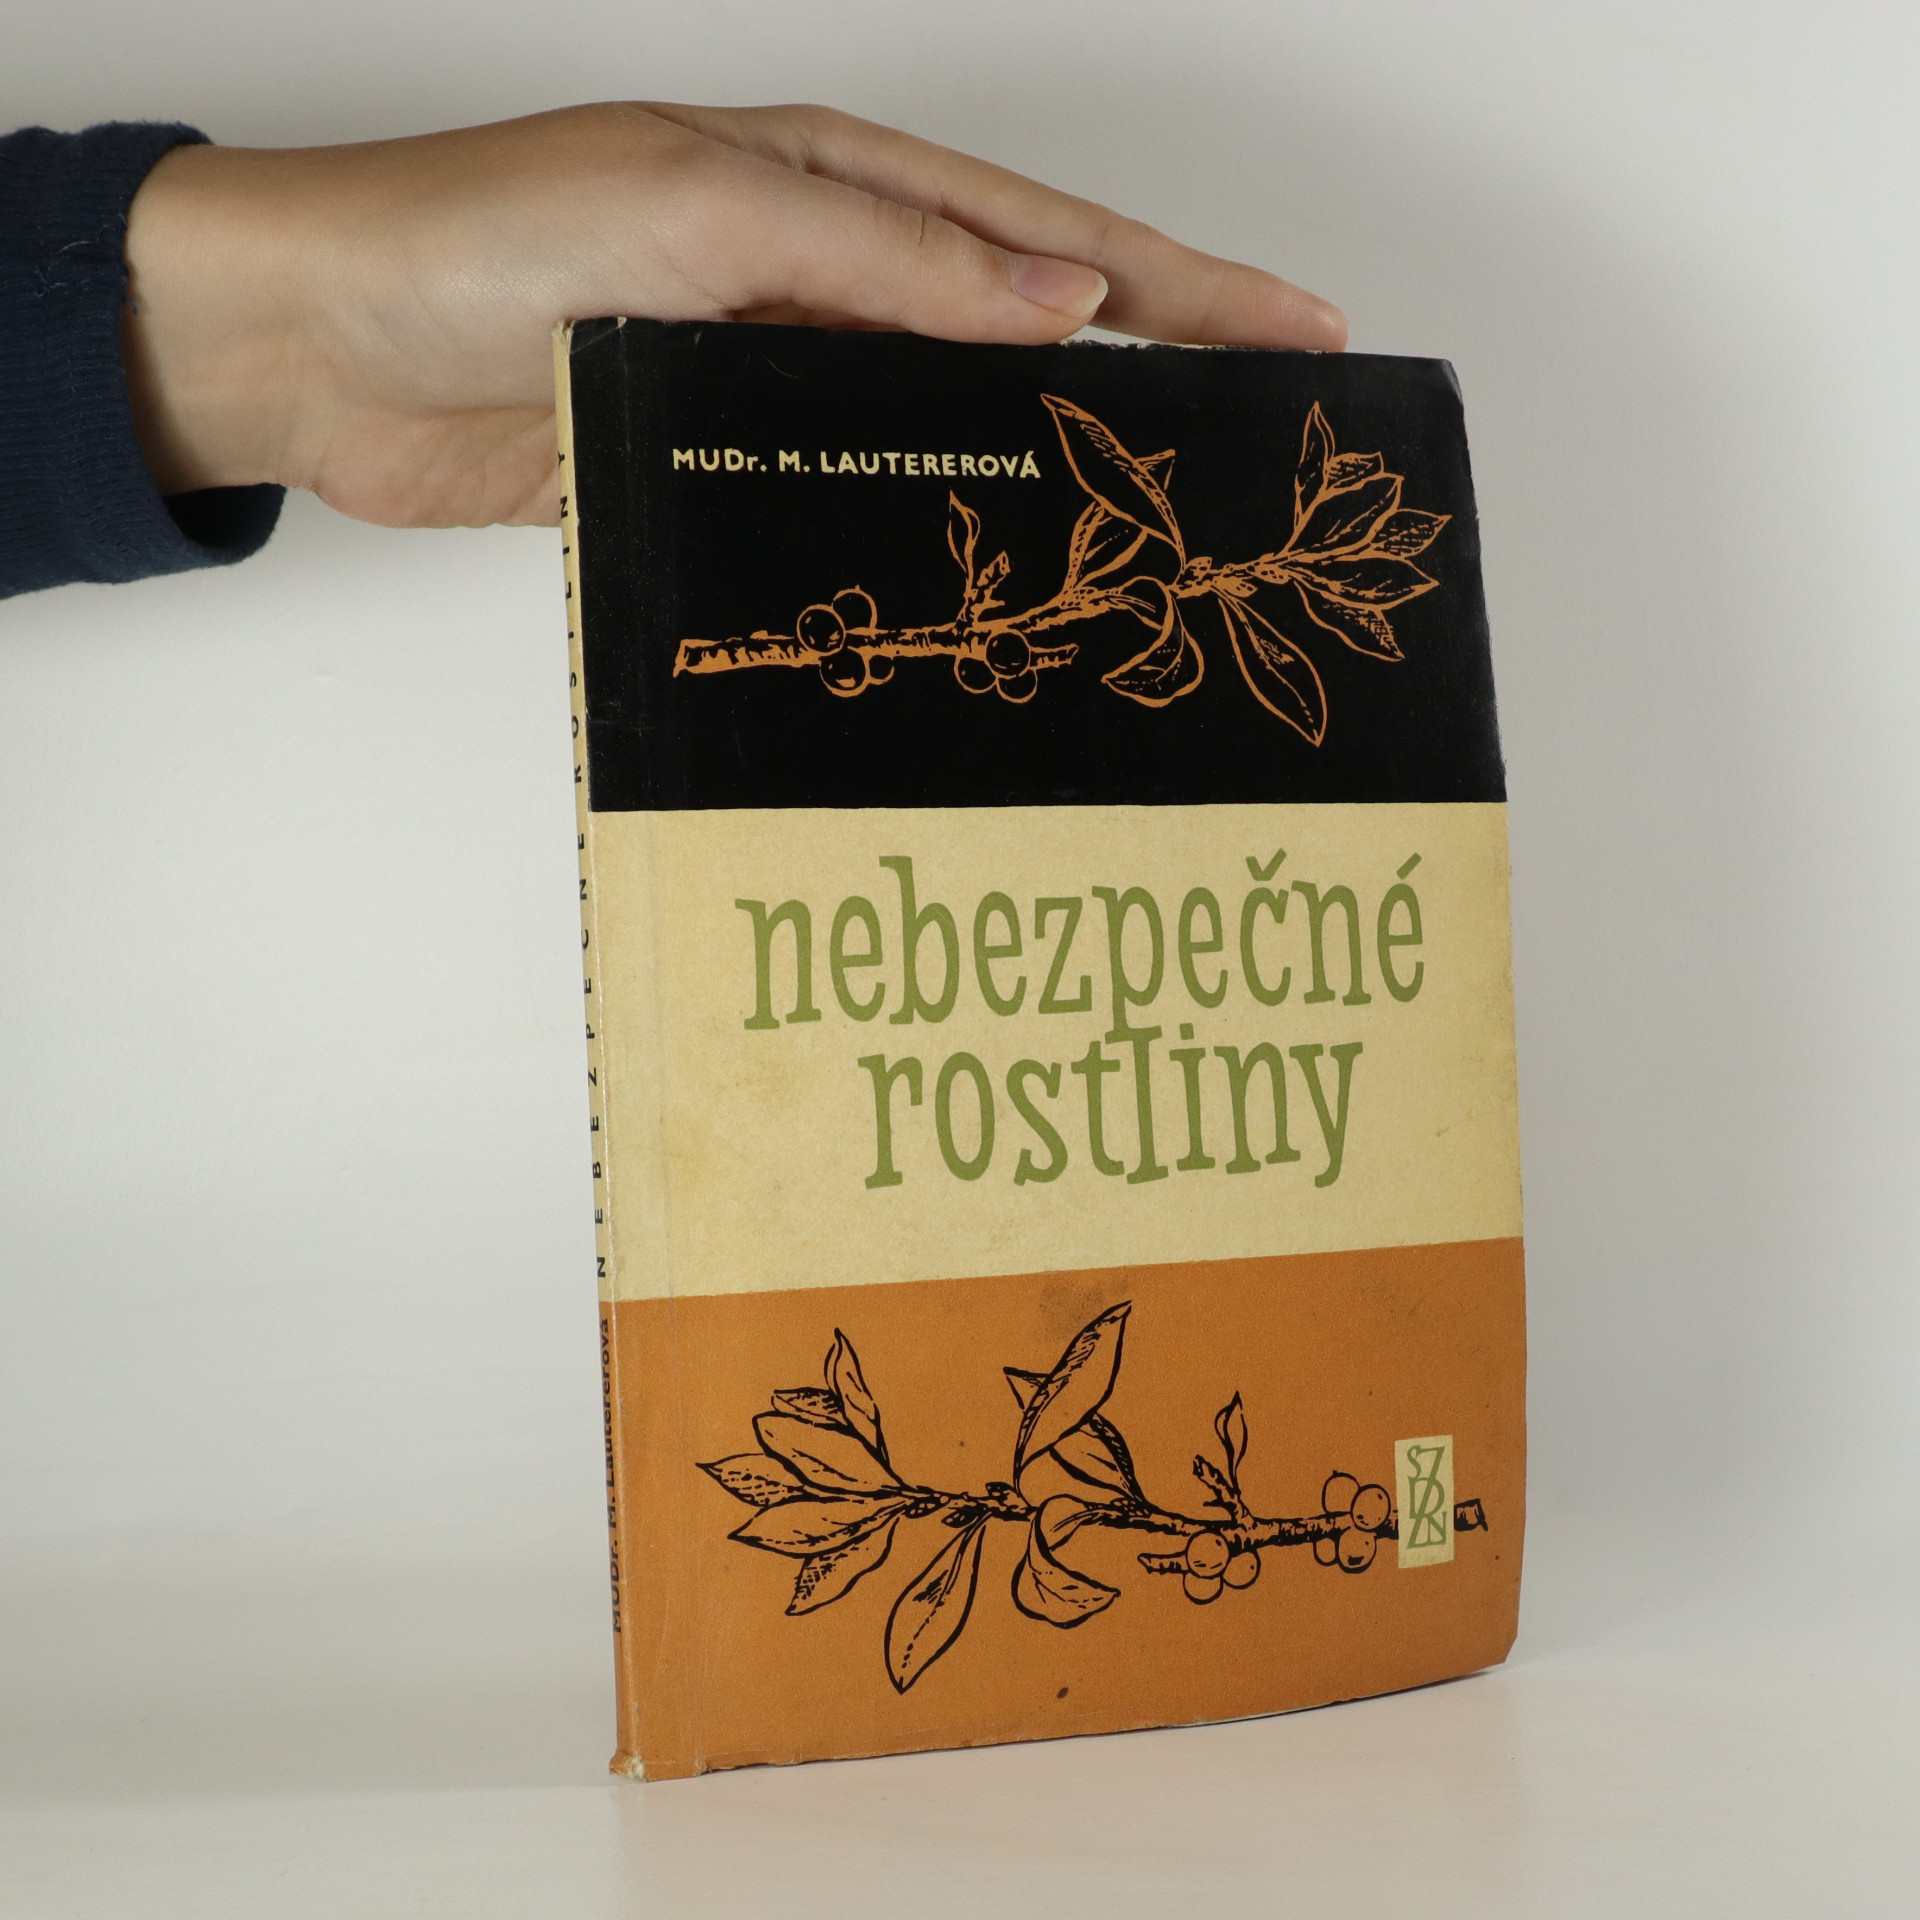 antikvární kniha Nebezpečné rostliny, 1962